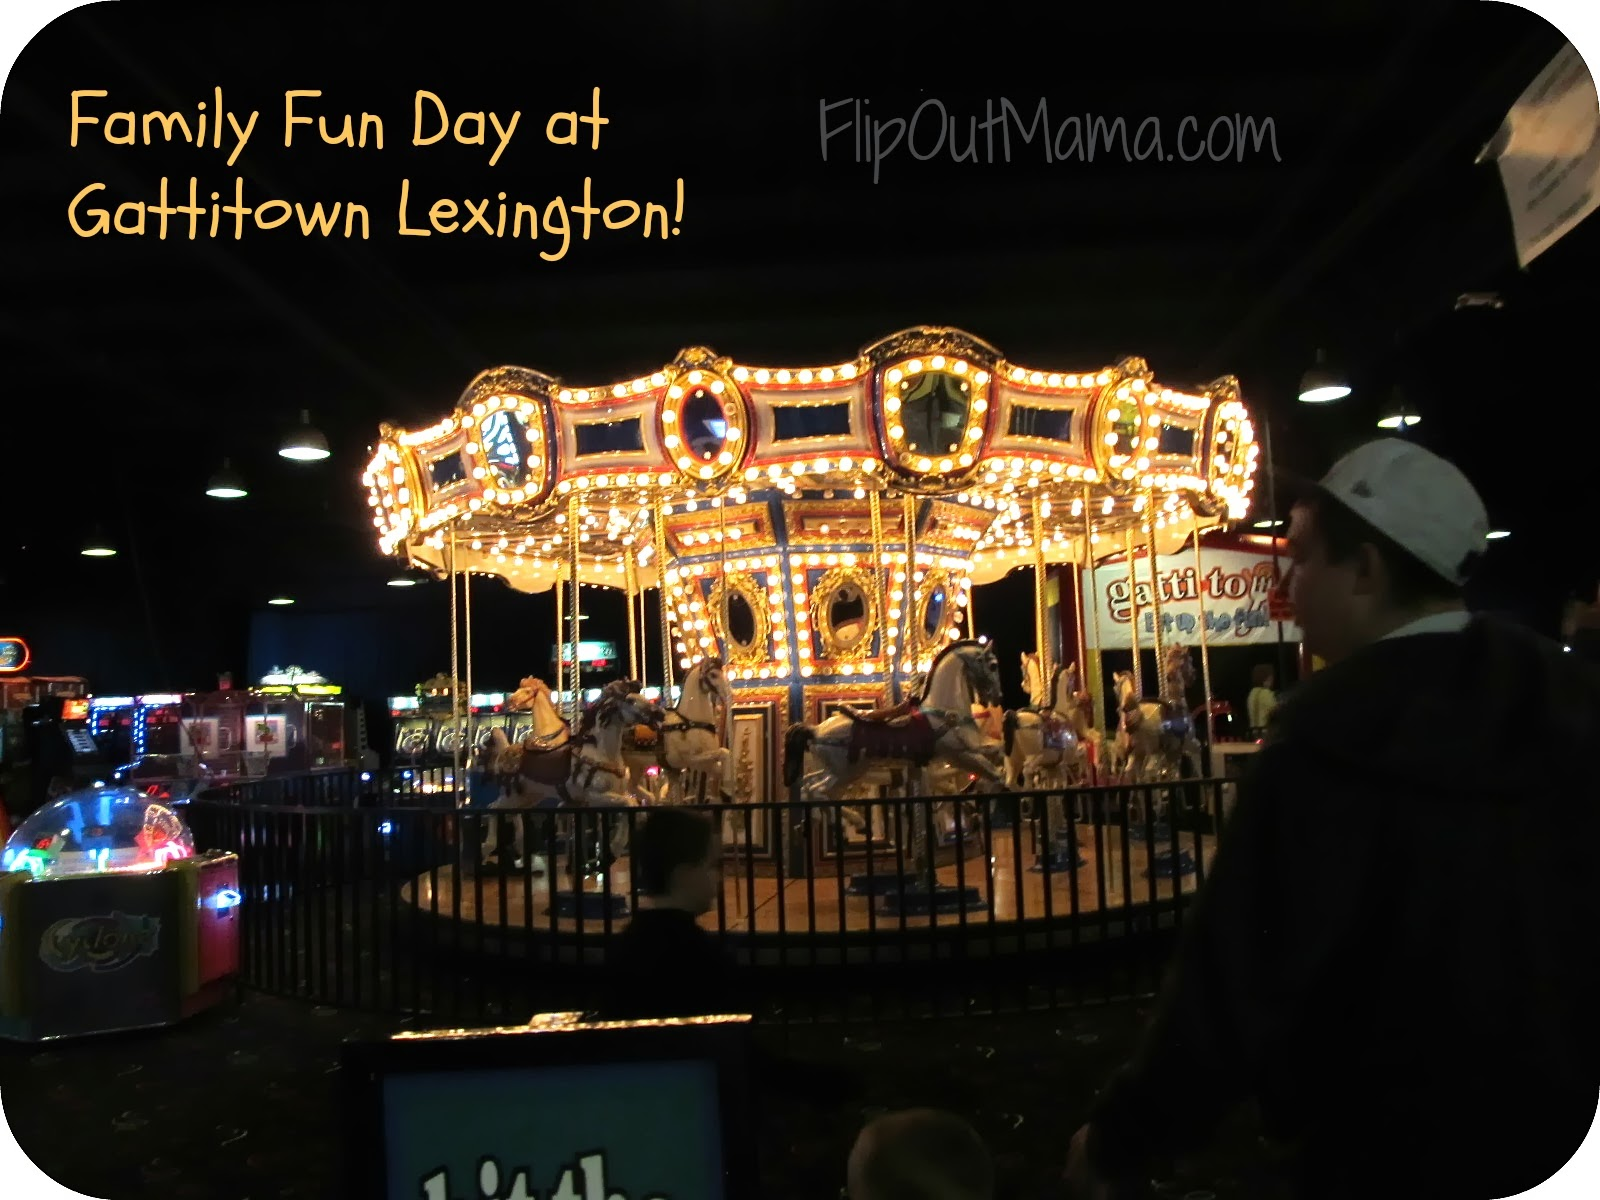 Flip Out Mama Family Fun Day At Gattitown Lexington Plus